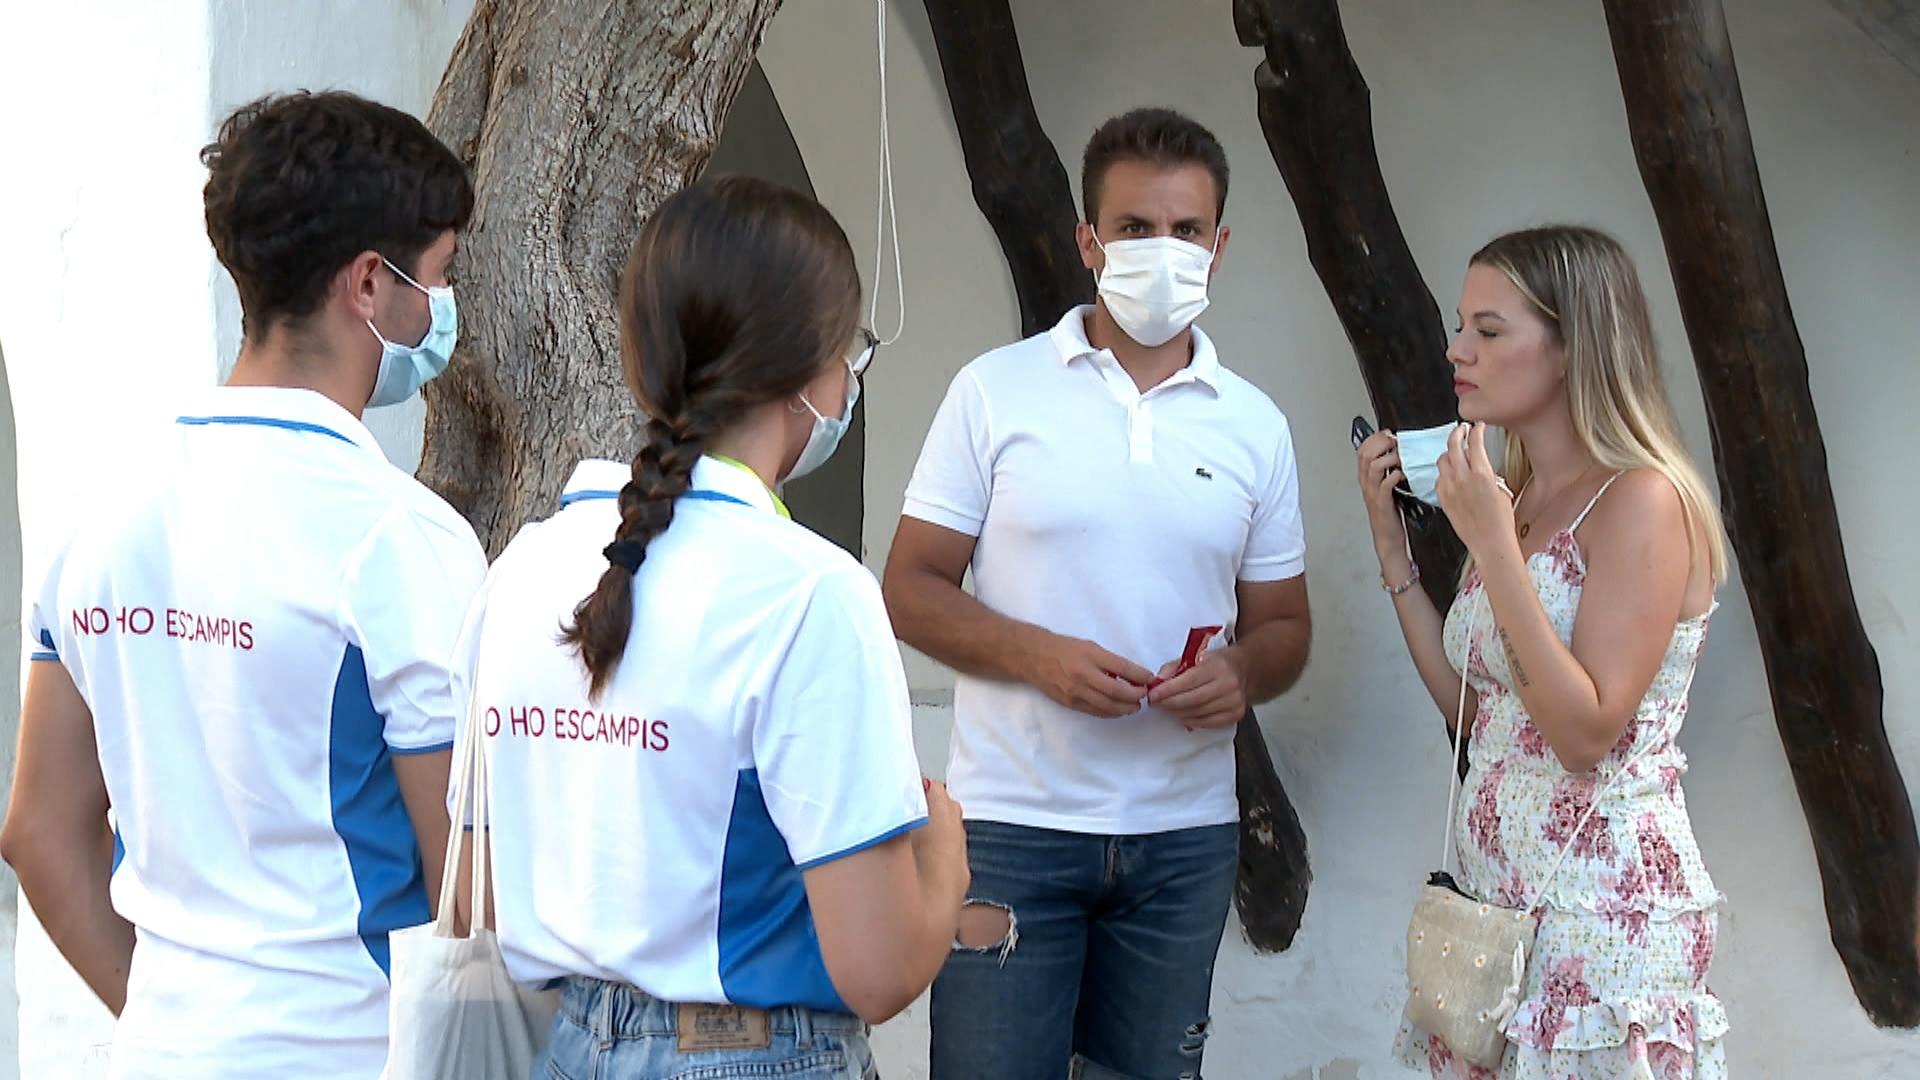 Menorca+contracta+30+informadors+Covid+per+recordar+les+mesures+vigents+a+l%26apos%3Billa